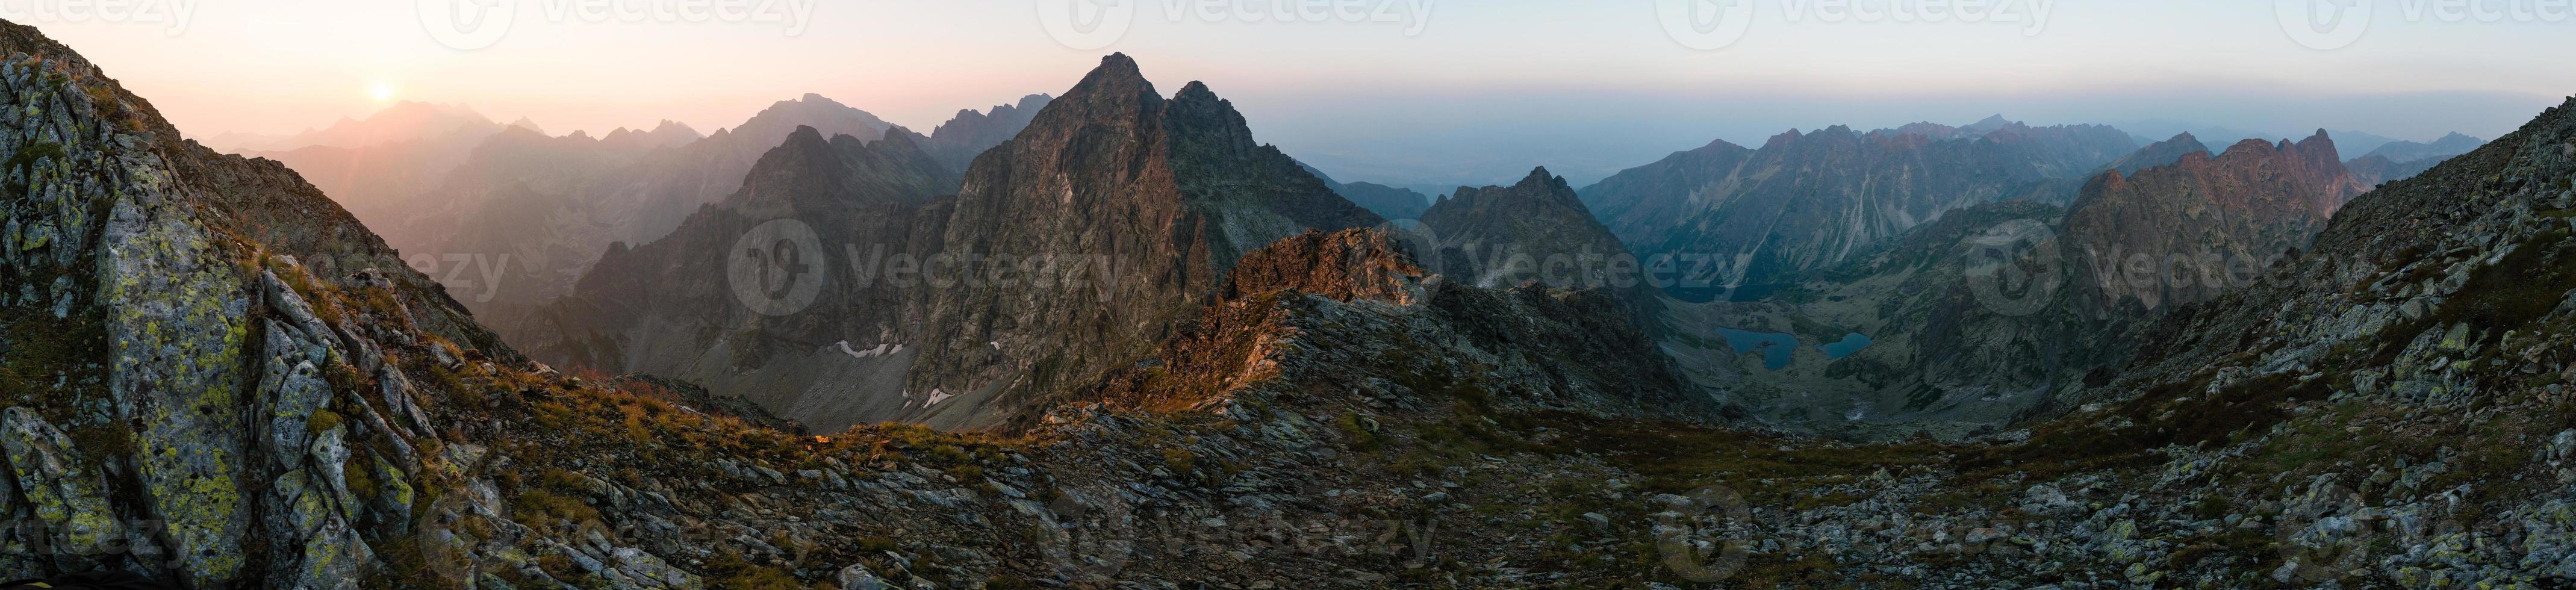 Alti Tatra picchi dalla cima Rysy durante l'alba foto